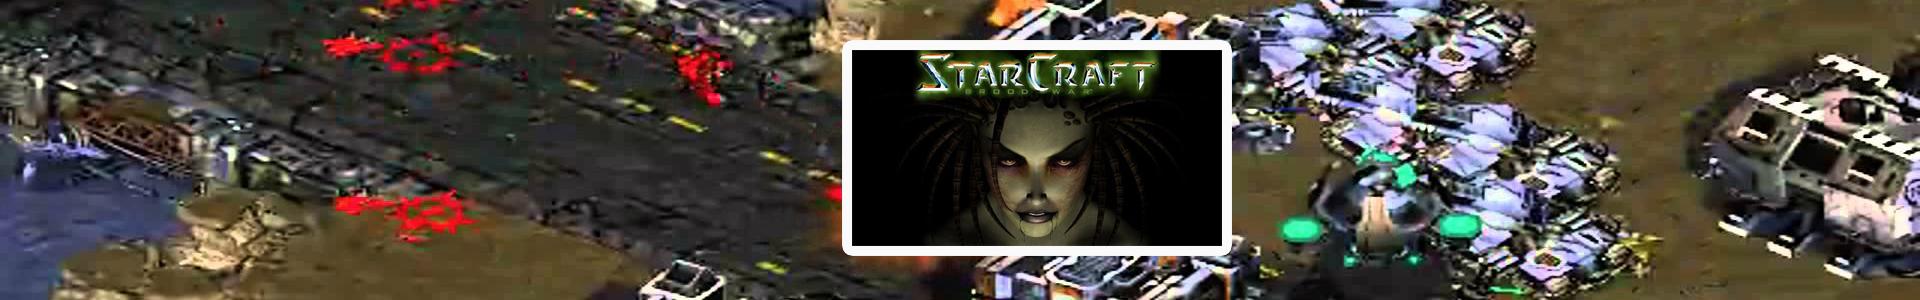 starcraft brood war stats